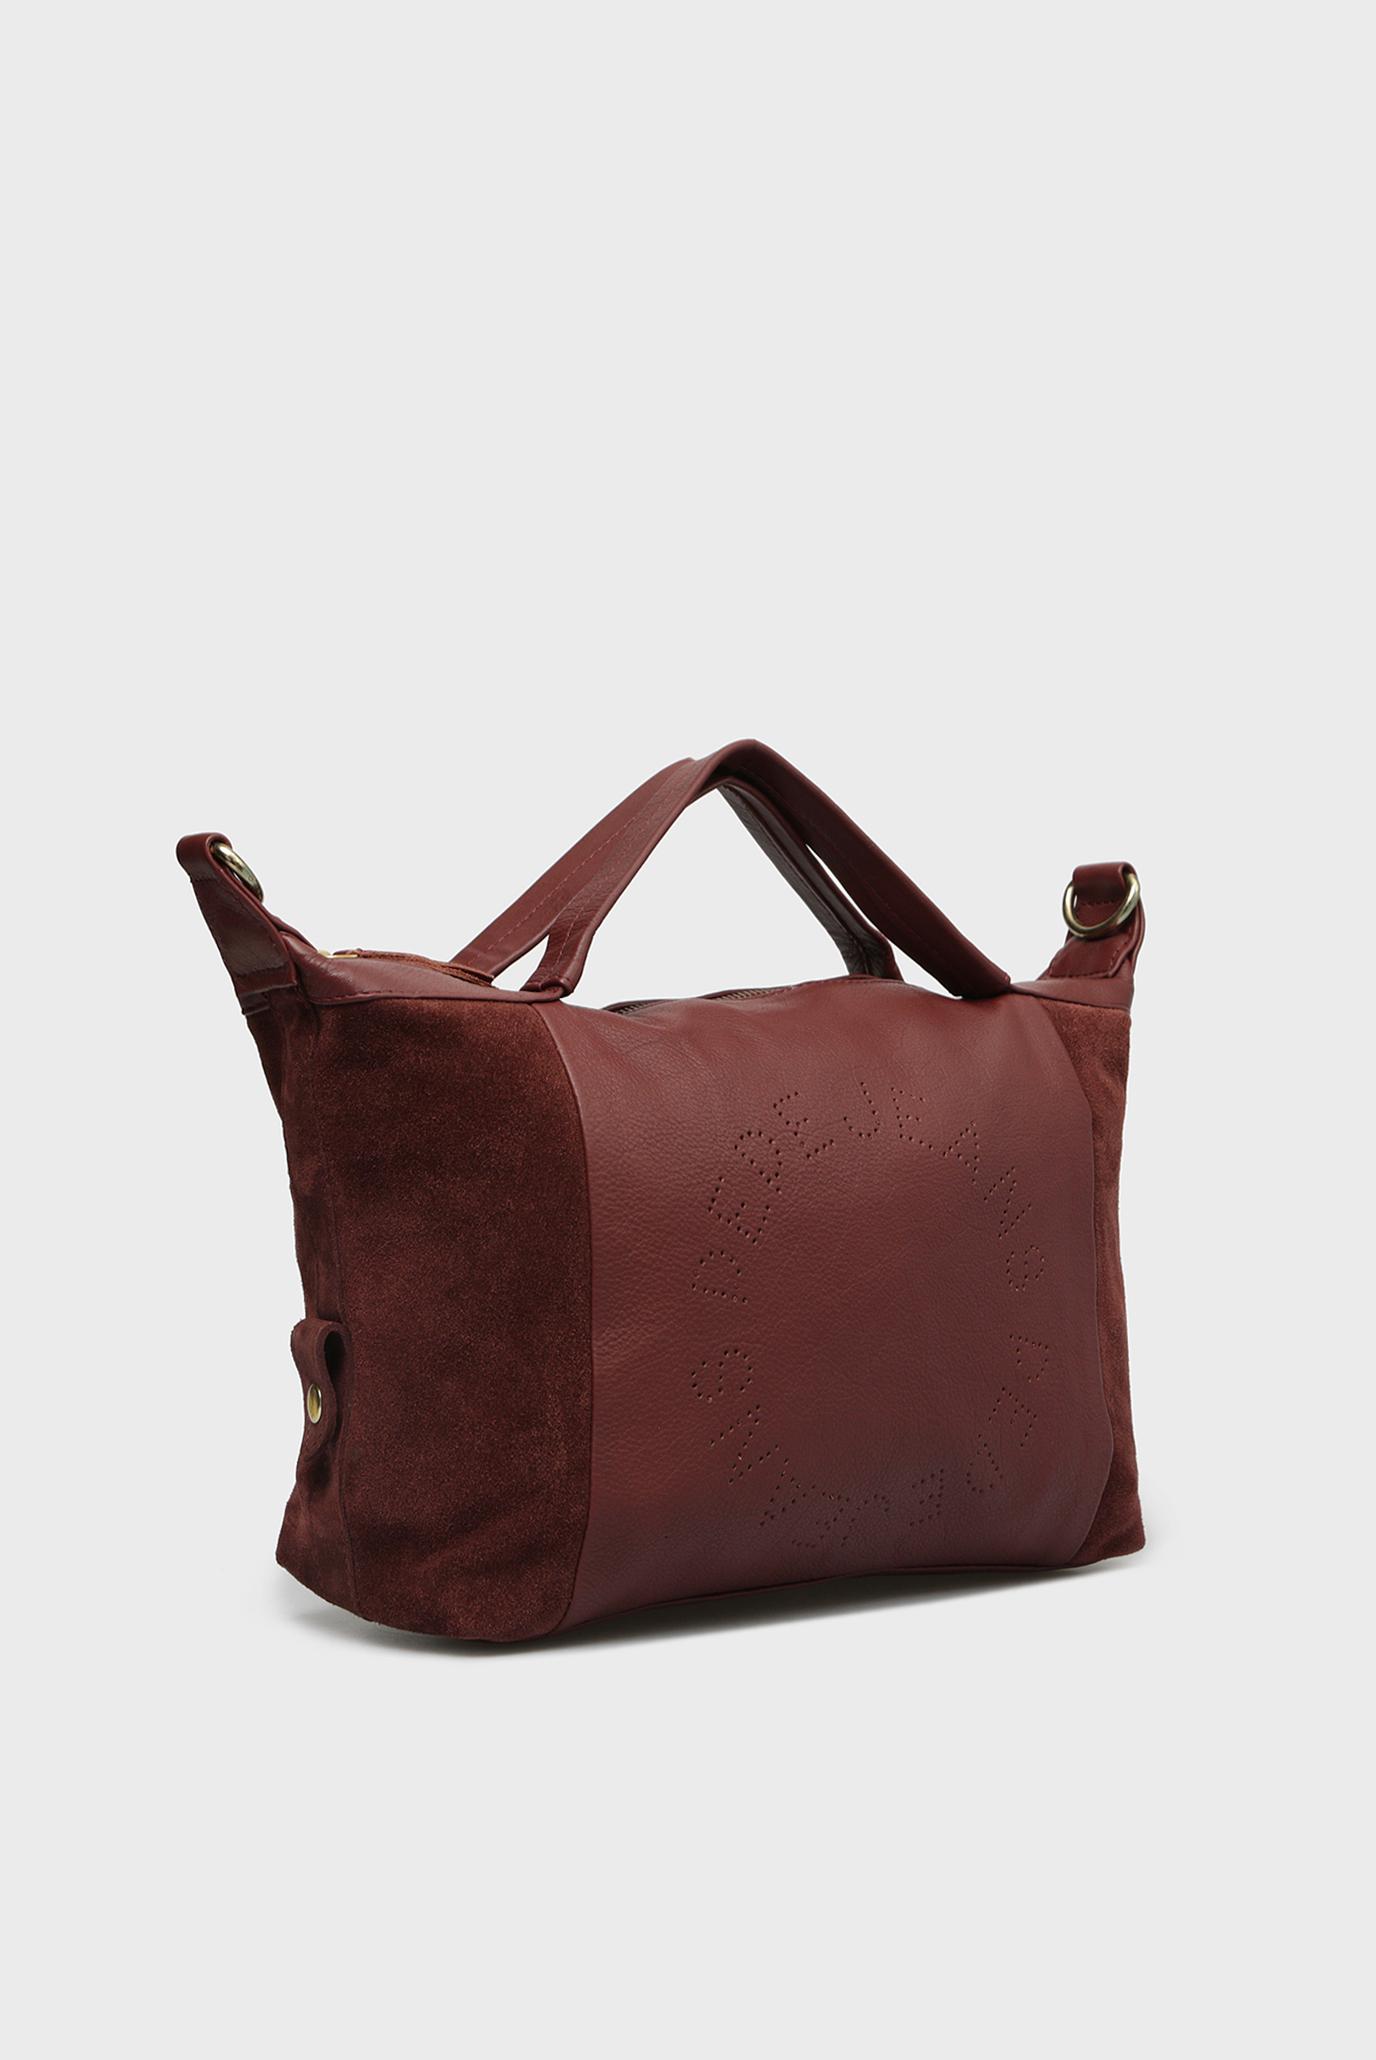 Купить Женская бордовая кожаная сумка на плечо LEAH Pepe Jeans Pepe Jeans PL030943 – Киев, Украина. Цены в интернет магазине MD Fashion